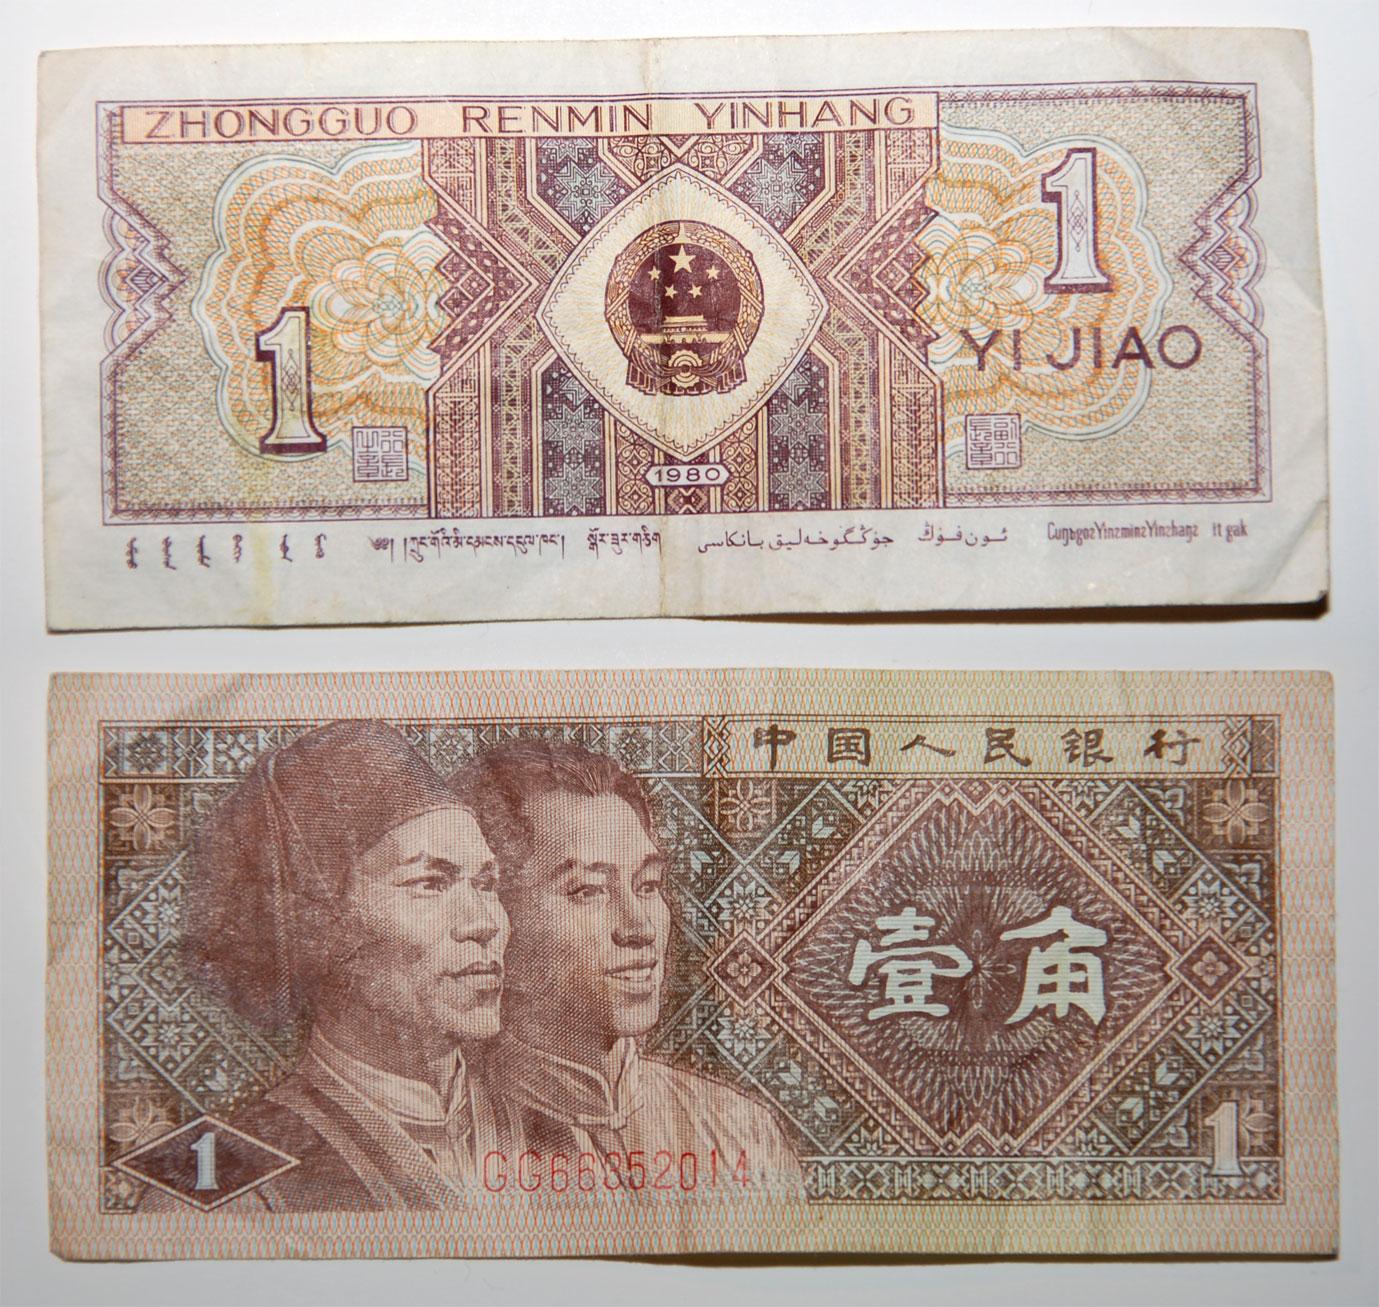 zhongguo renmin yinhang